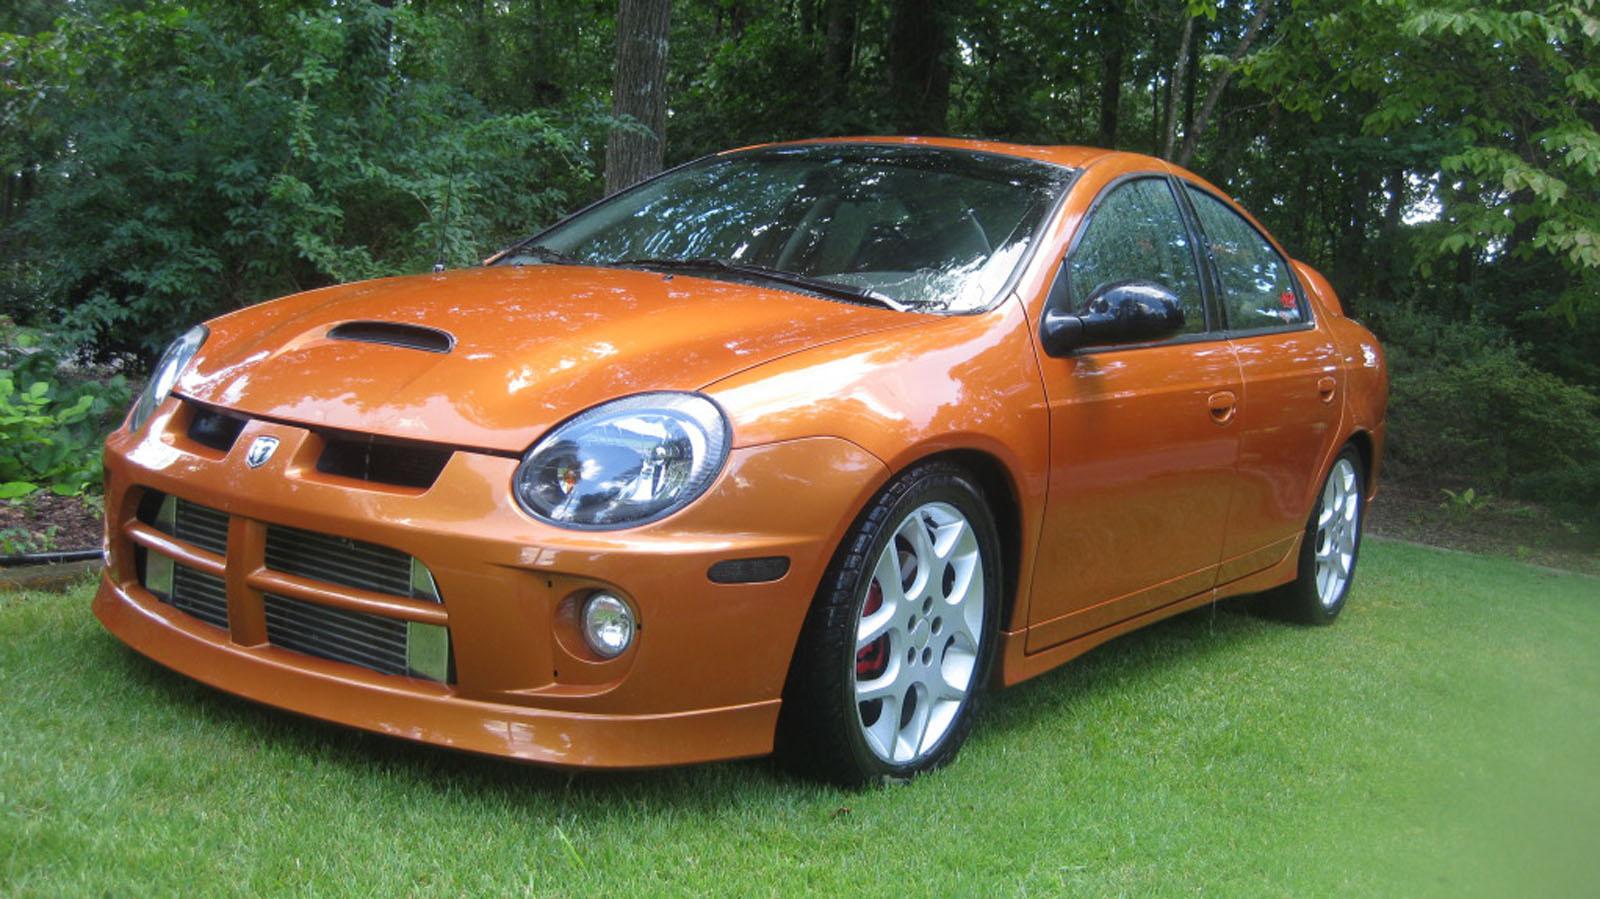 2005 neon srt 4 motor